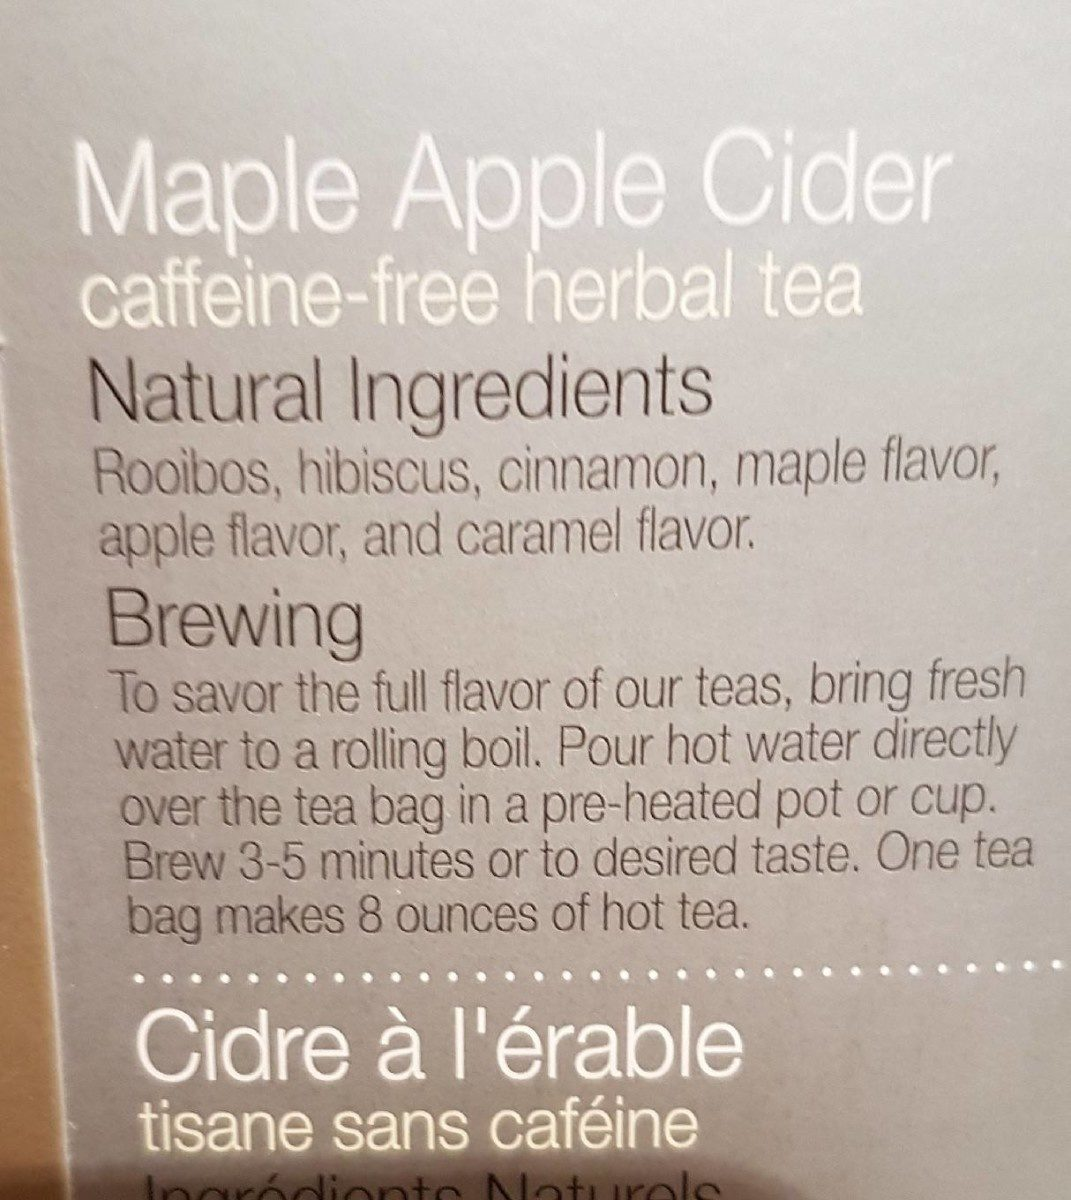 Cidre à l'érable tisane - Ingrédients - fr